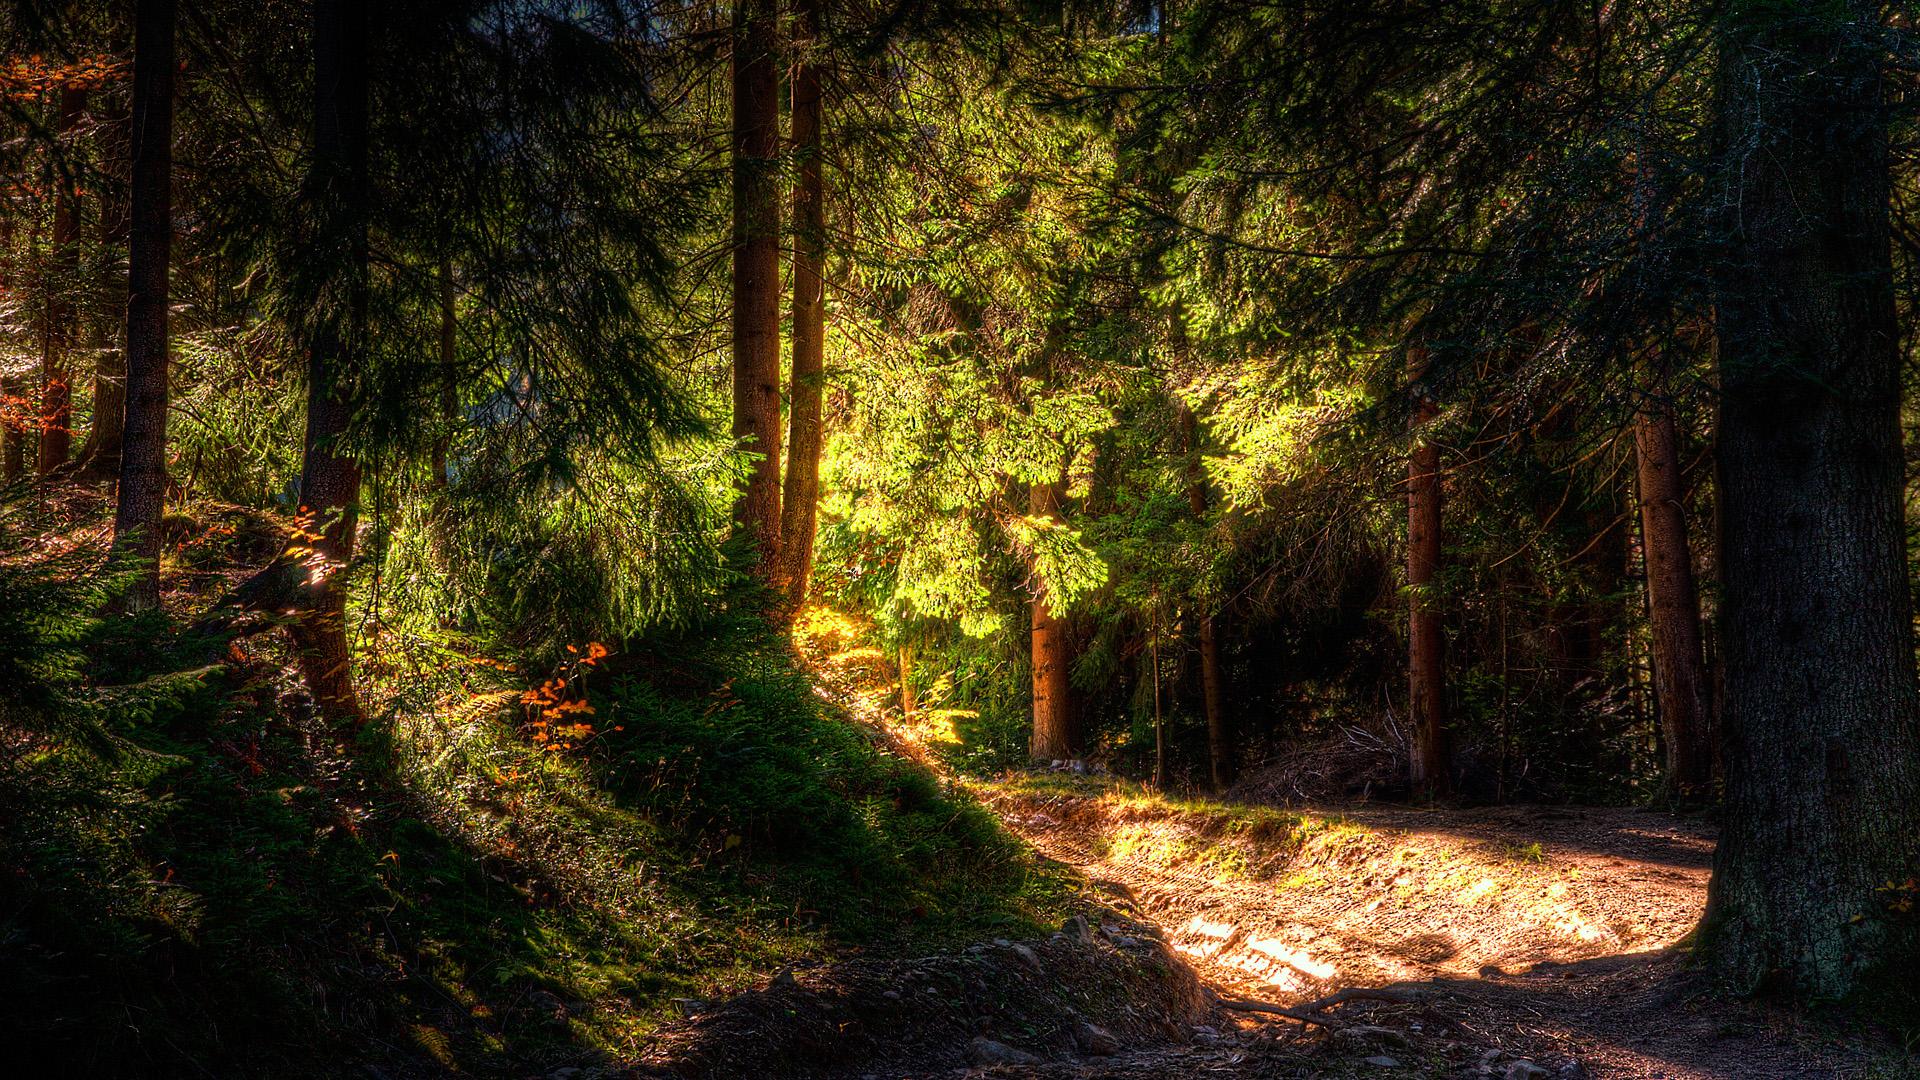 sunshine wallpaper dense forest